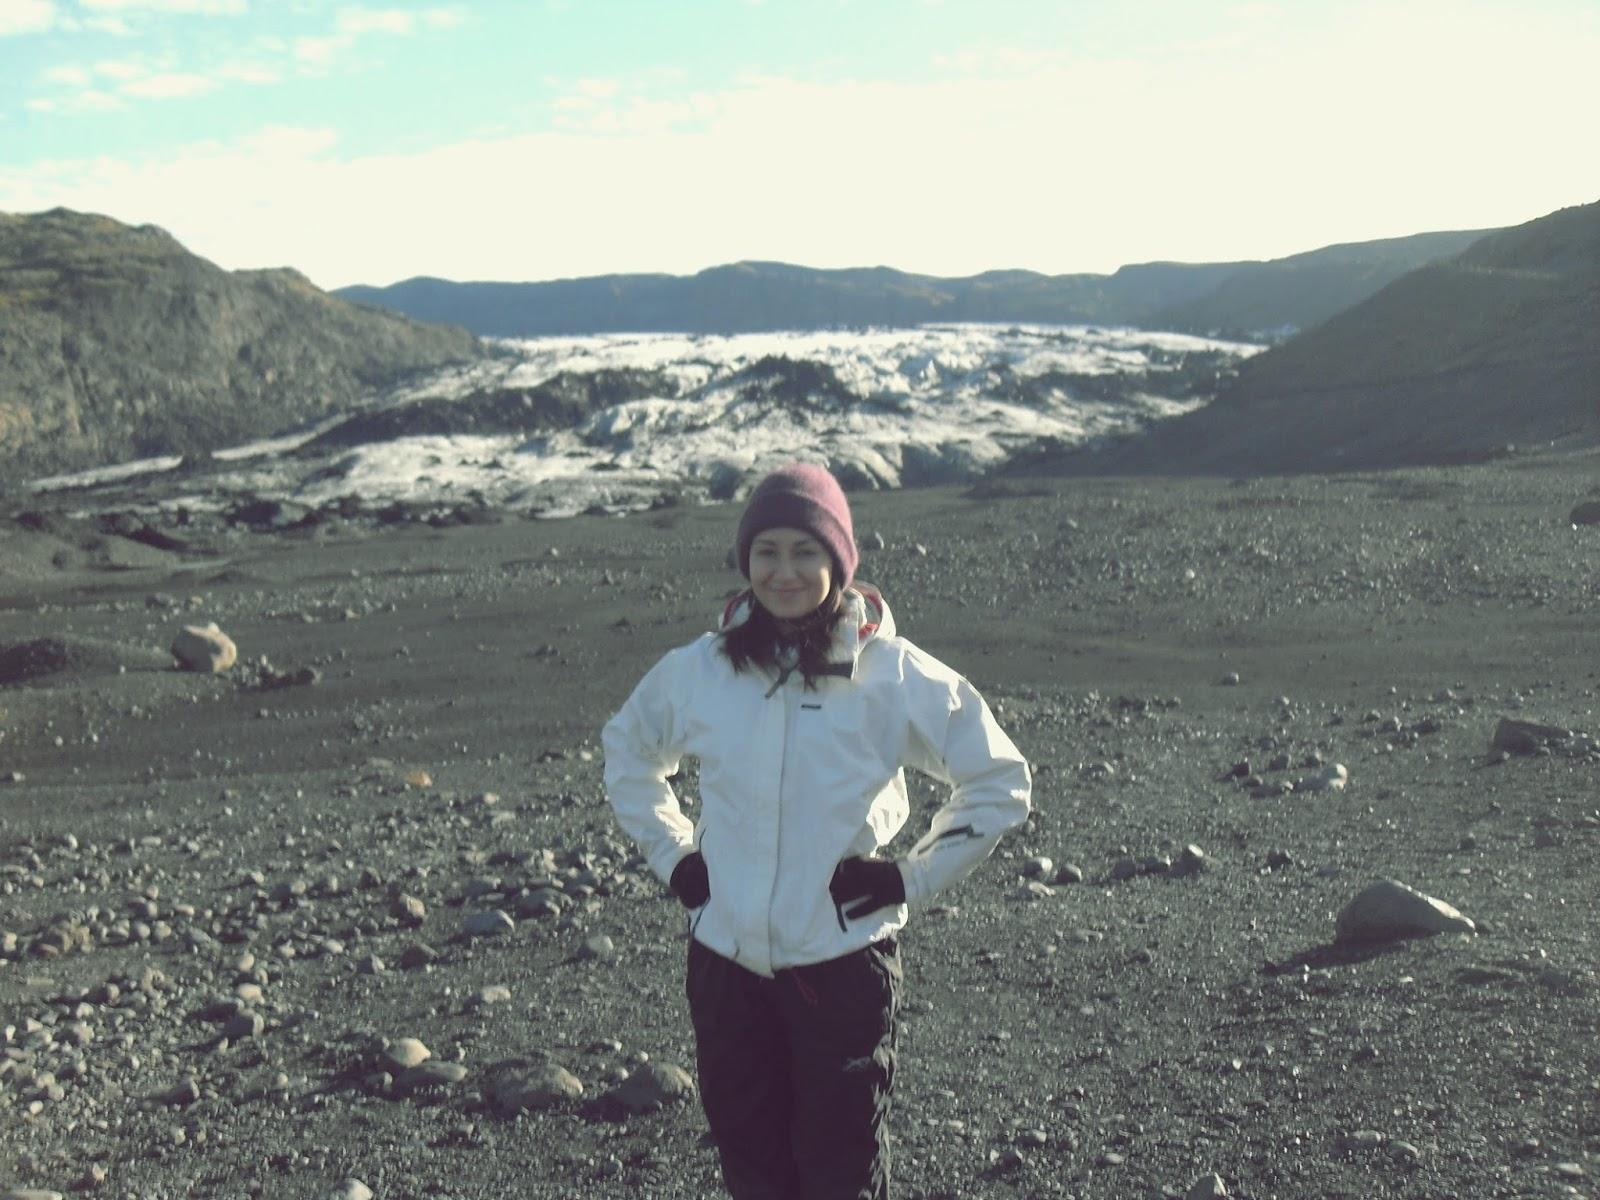 lodowiec, Solheimajokull, Myrdalsjokull, plaża, czarna plaża, Reynisfjara, południowa Islandia, atrakcje turystyczne Islandii, Islandia, blog o Islandii, praca w Islandii, pani dorcia, blog podróżniczy, blog fotograficzny